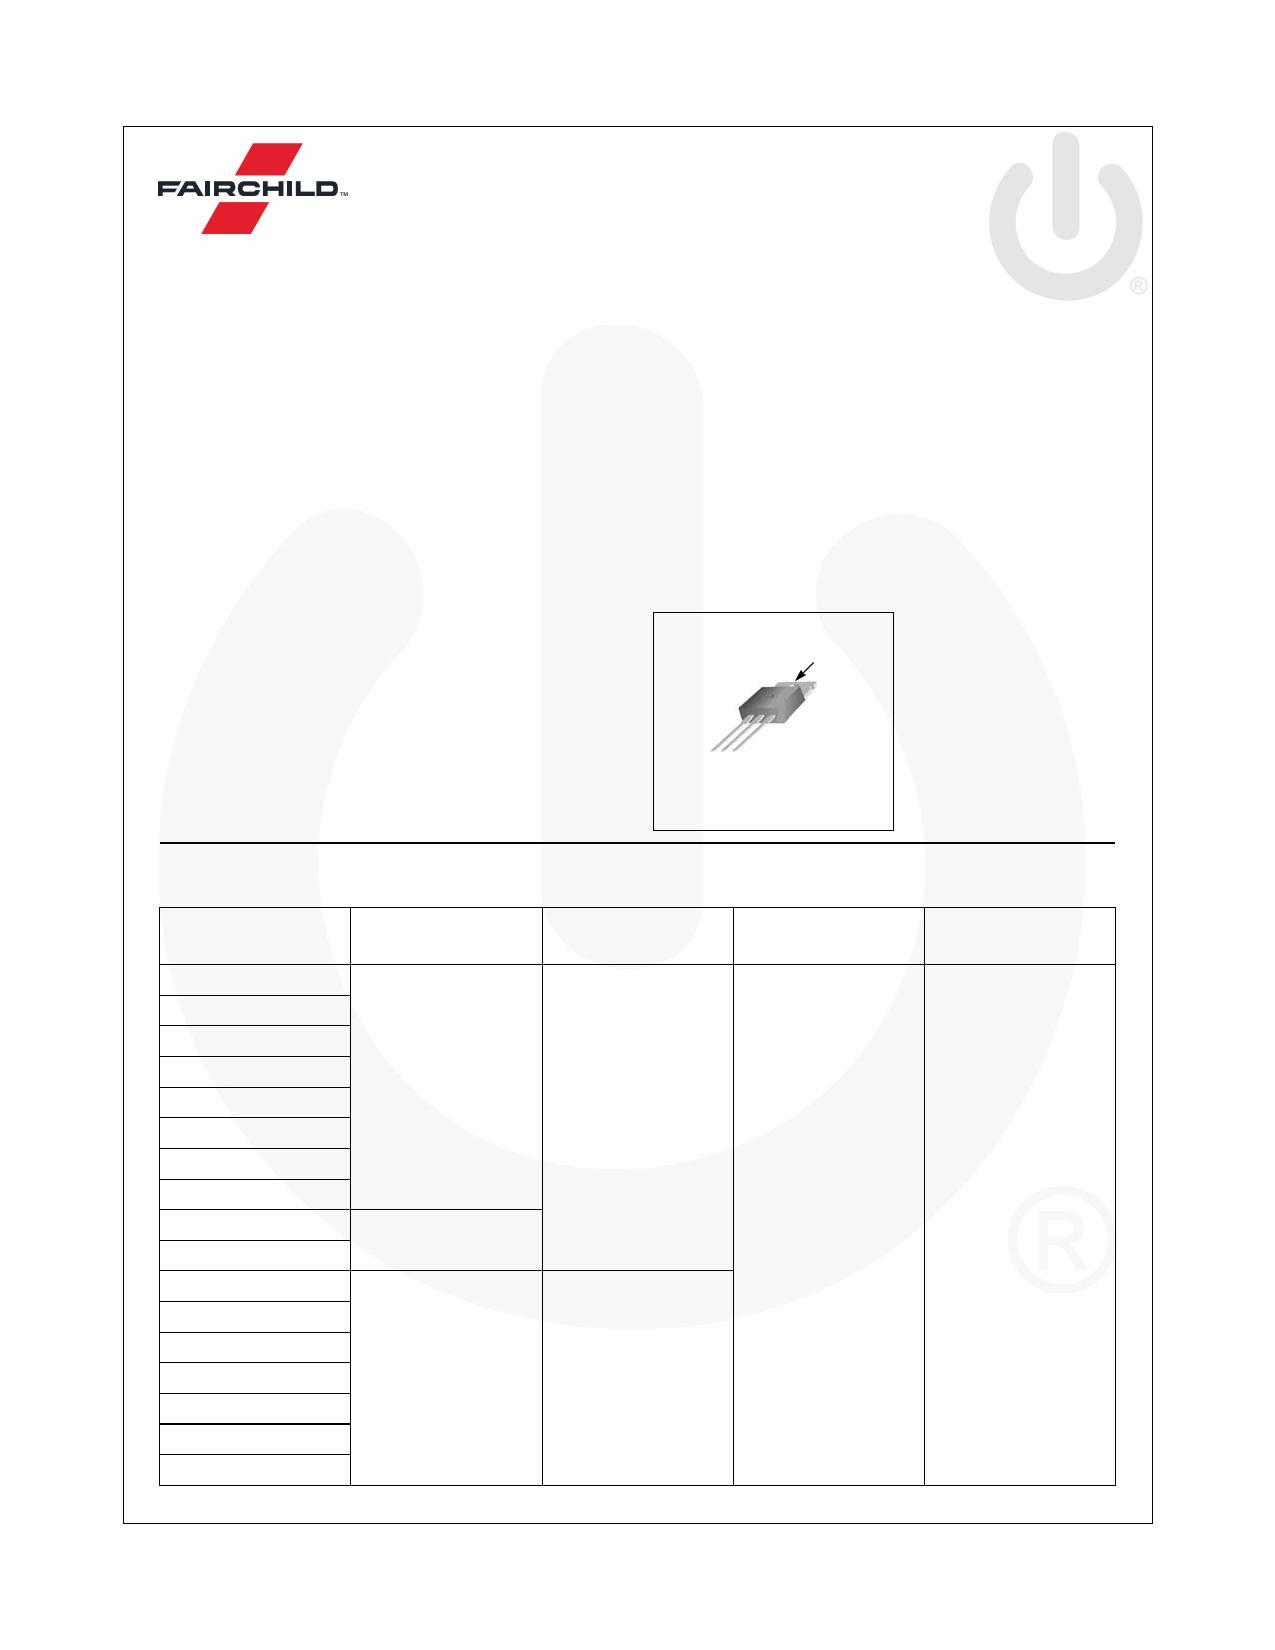 KA7905TU Datasheet, KA7905TU PDF,ピン配置, 機能